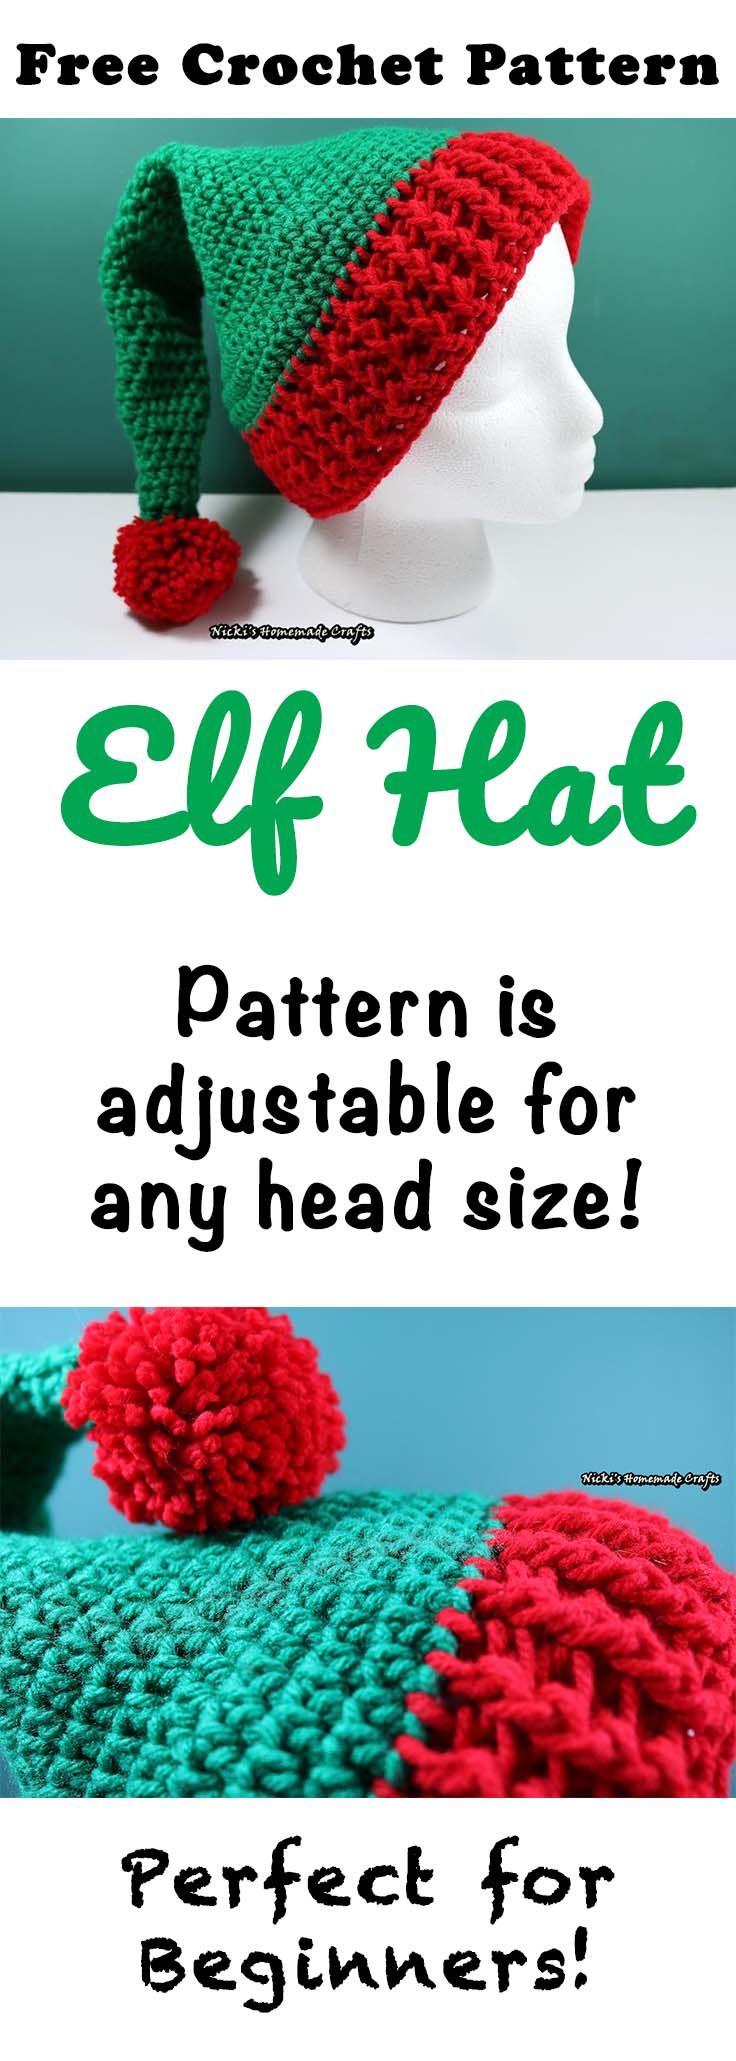 Elf Hat with Pom-Pom - Free Crochet Pattern | Häkelmützen, Hüte und ...